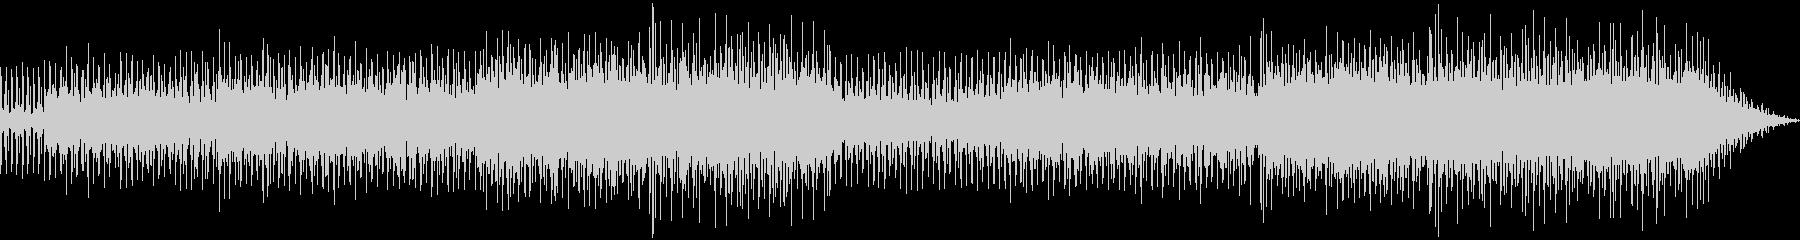 リチャード・クレイダーマンスタイル...の未再生の波形